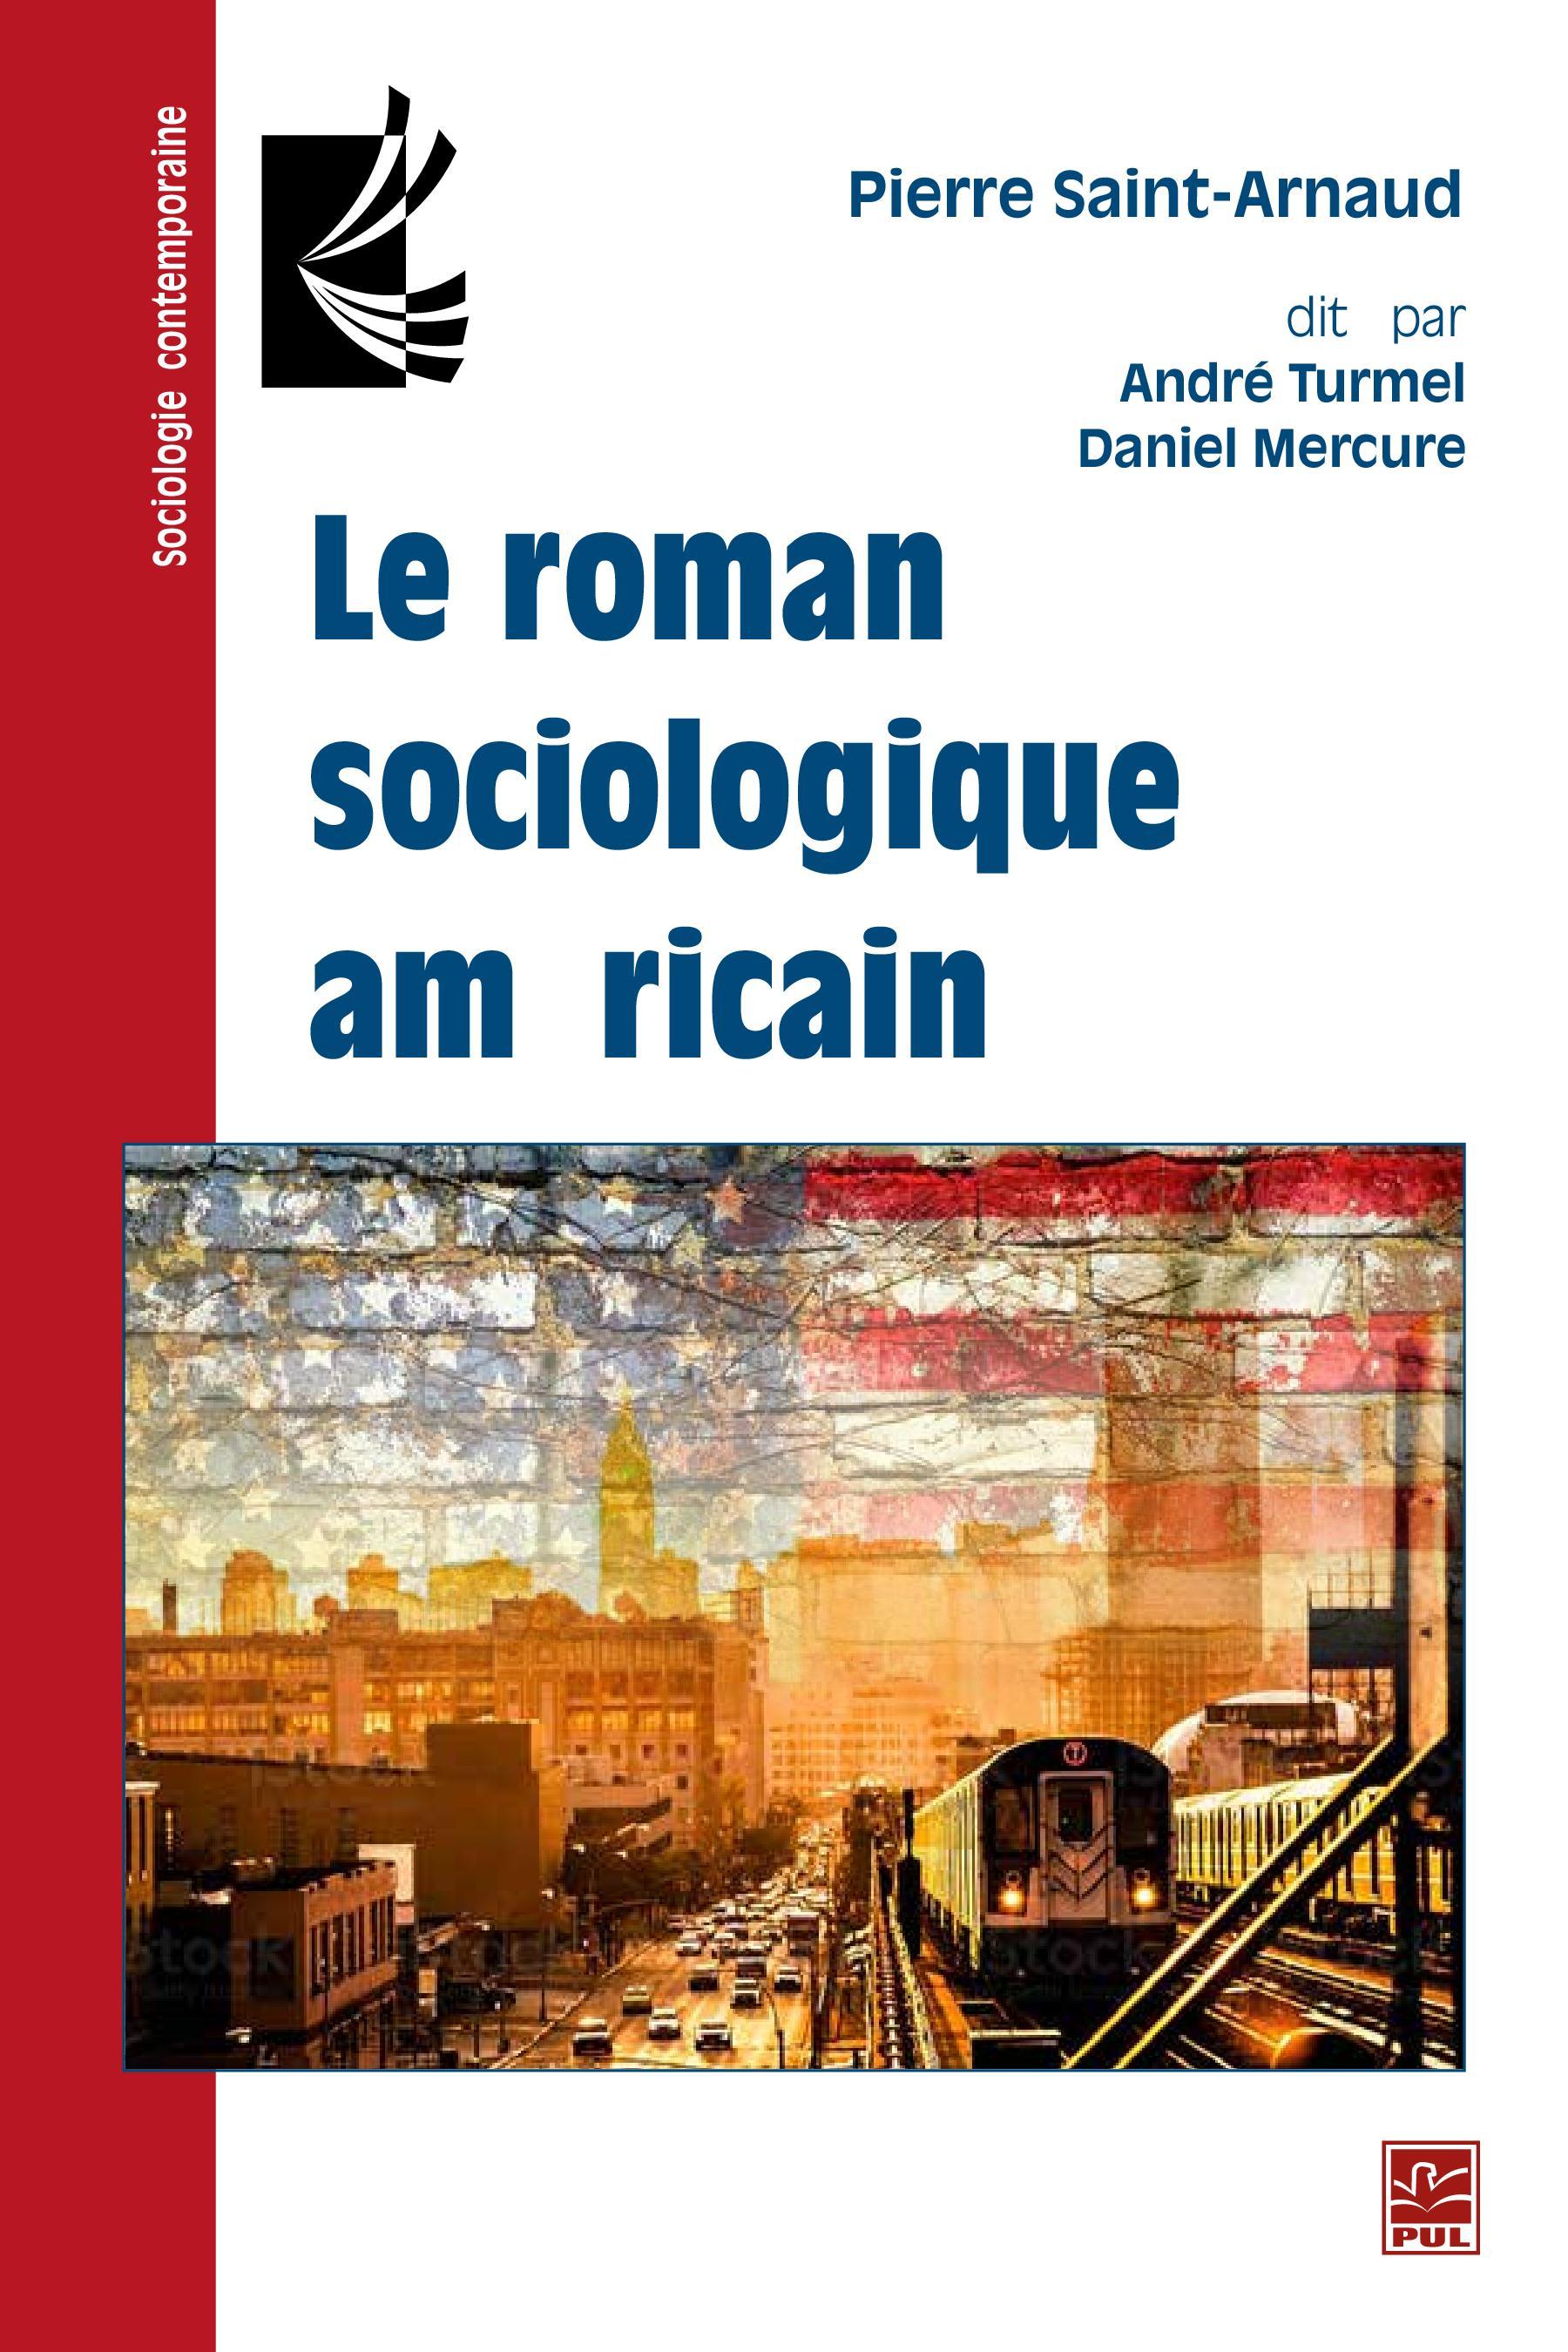 Le roman sociologique américain